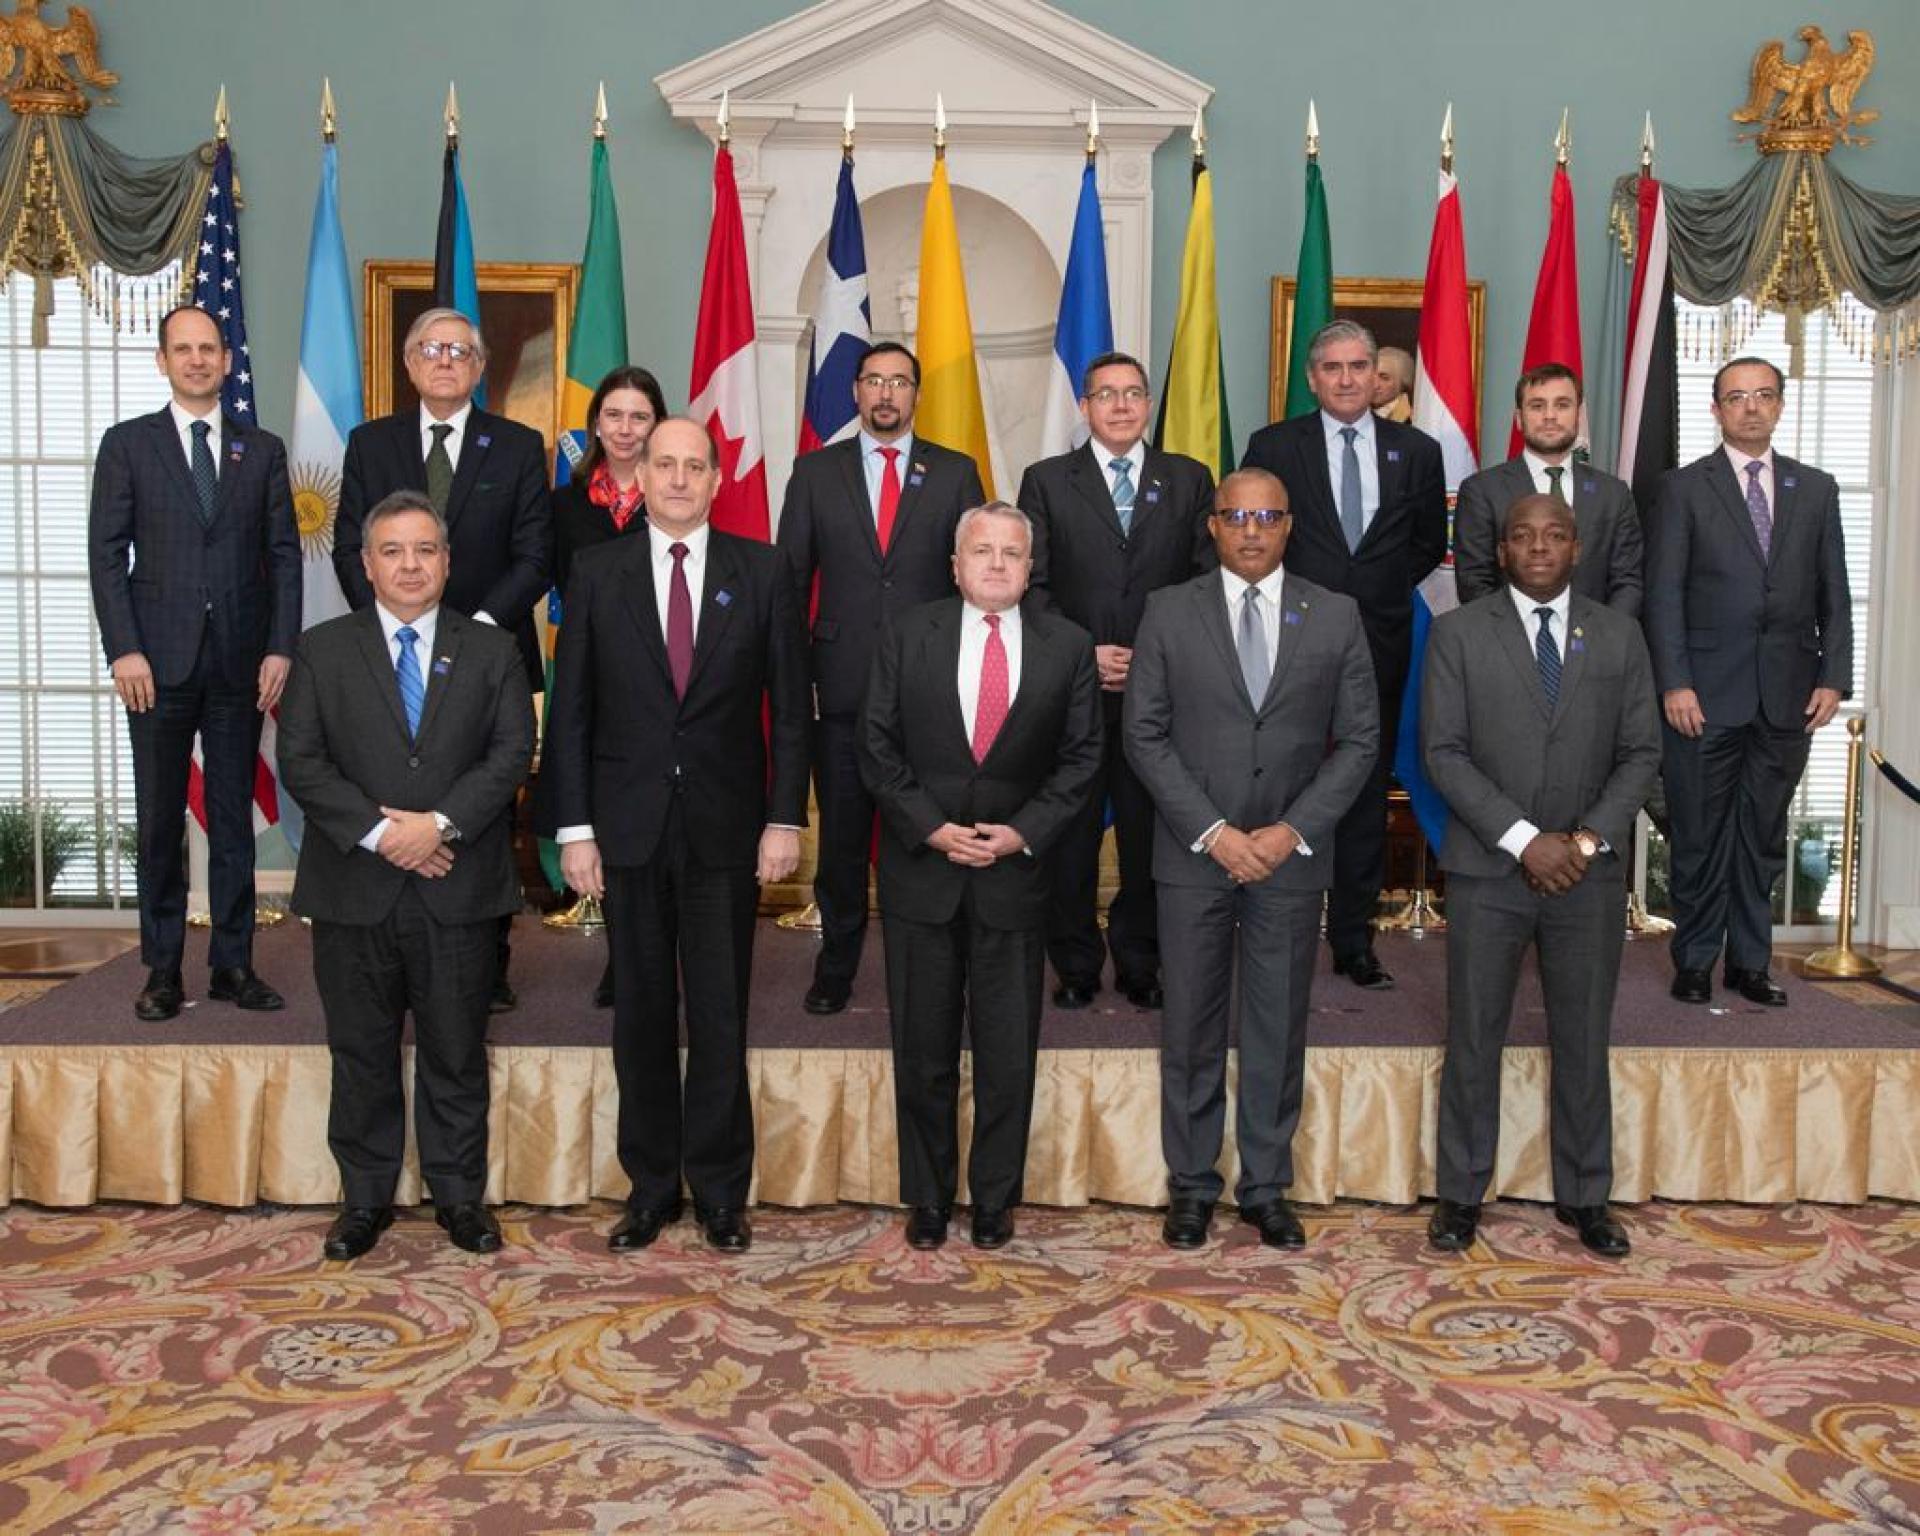 Conferencia Ministerial Hemisf Rica De Lucha Contra El Terrorismo Ministerio De Relaciones